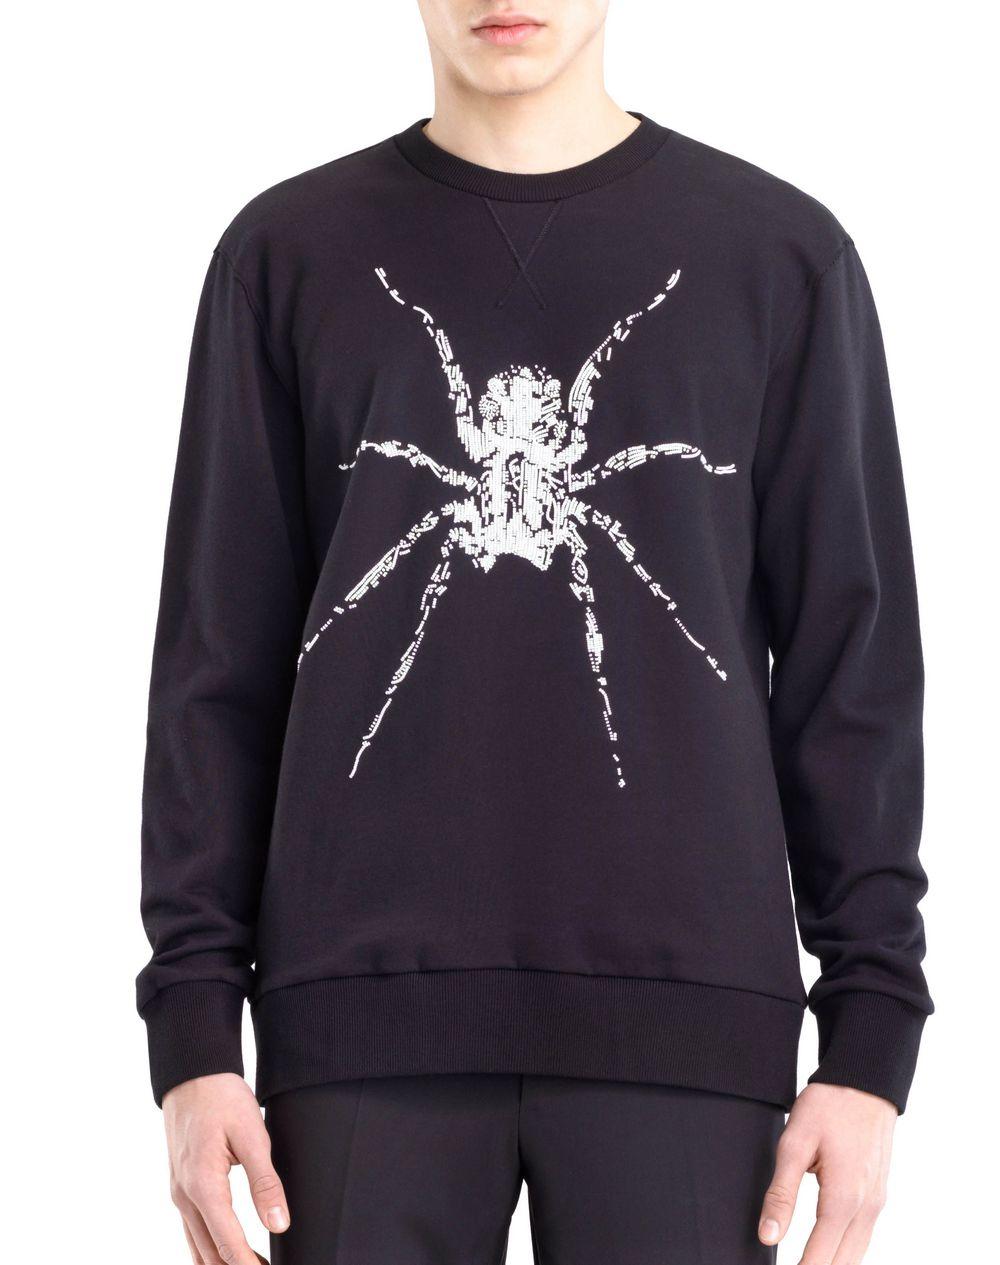 Sweatshirt noirLanvin Prix €575